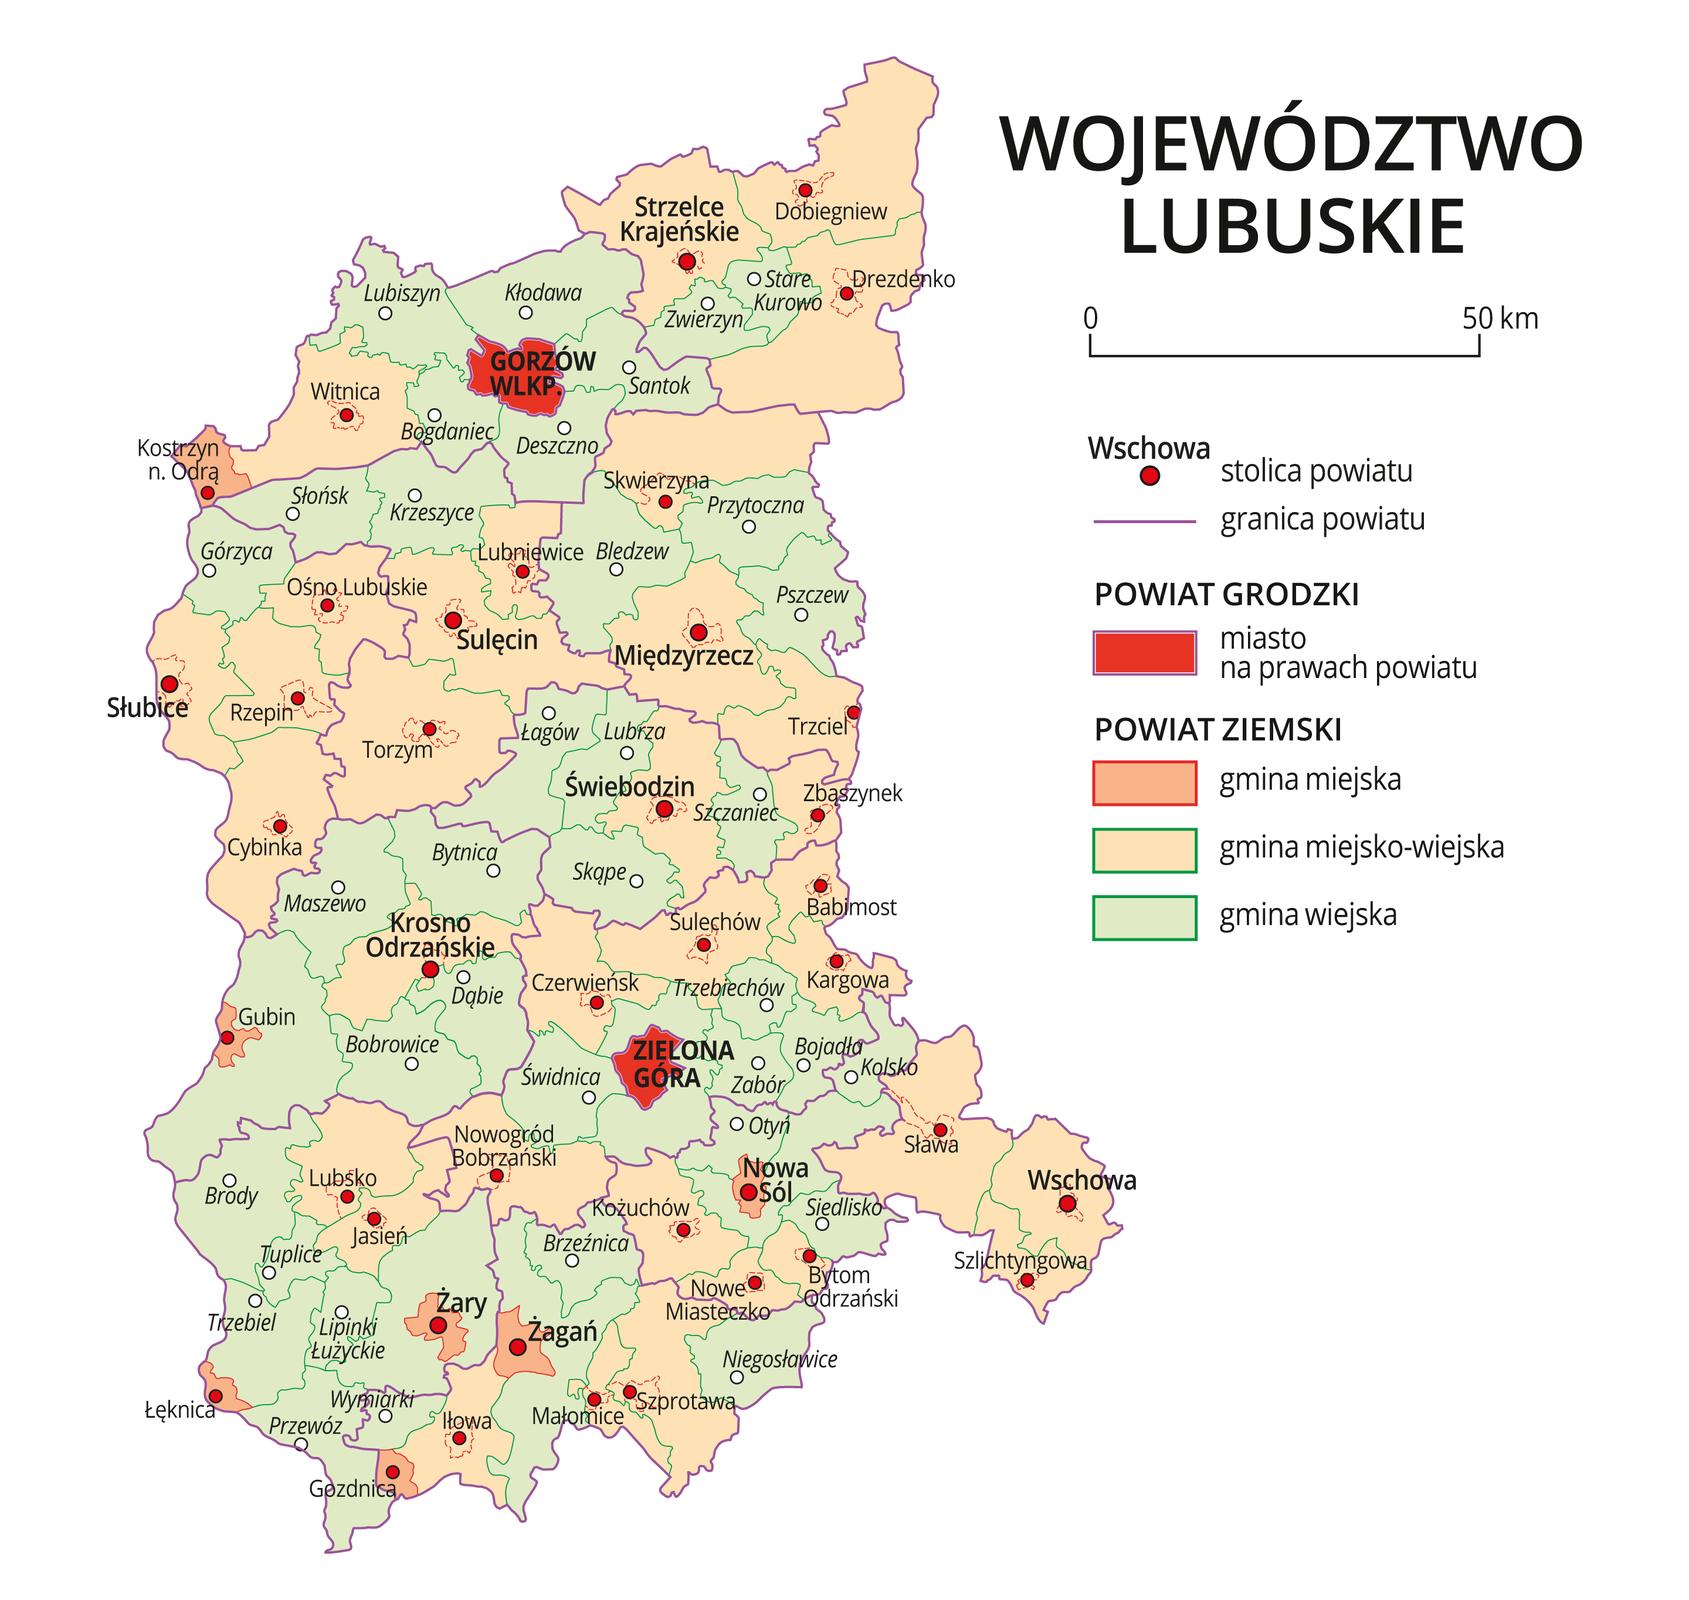 Mapa województwa lubuskiego. Na mapie fioletowymi liniami zaznaczono granice powiatów ziemskich, dużymi czerwonymi kropkami zaznaczono miasta będące stolicami powiatów. Wobrębie powiatów ziemskich kolorami wyróżniono gminy miejskie, miejsko-wiejskie iwiejskie. Czerwonym kolorem wyróżniono powiaty grodzkie zmiastami na prawach powiatu, miasta te opisano dużymi literami. Kolory iznaki użyte na mapie opisano wlegendzie. Wlegendzie podziałka liniowa.